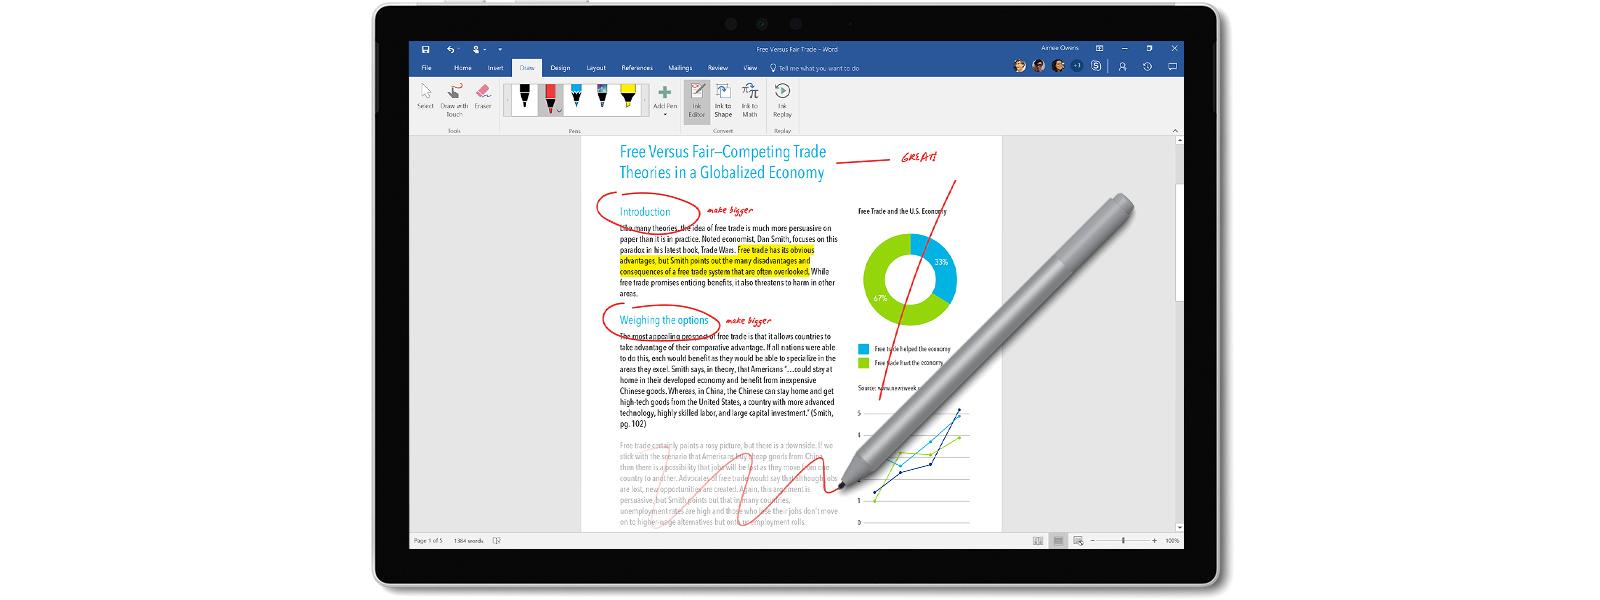 Captura de ecrã da Caneta para Surface a editar uma página com comentários e texto realçado, rasurado e selecionado com um círculo.